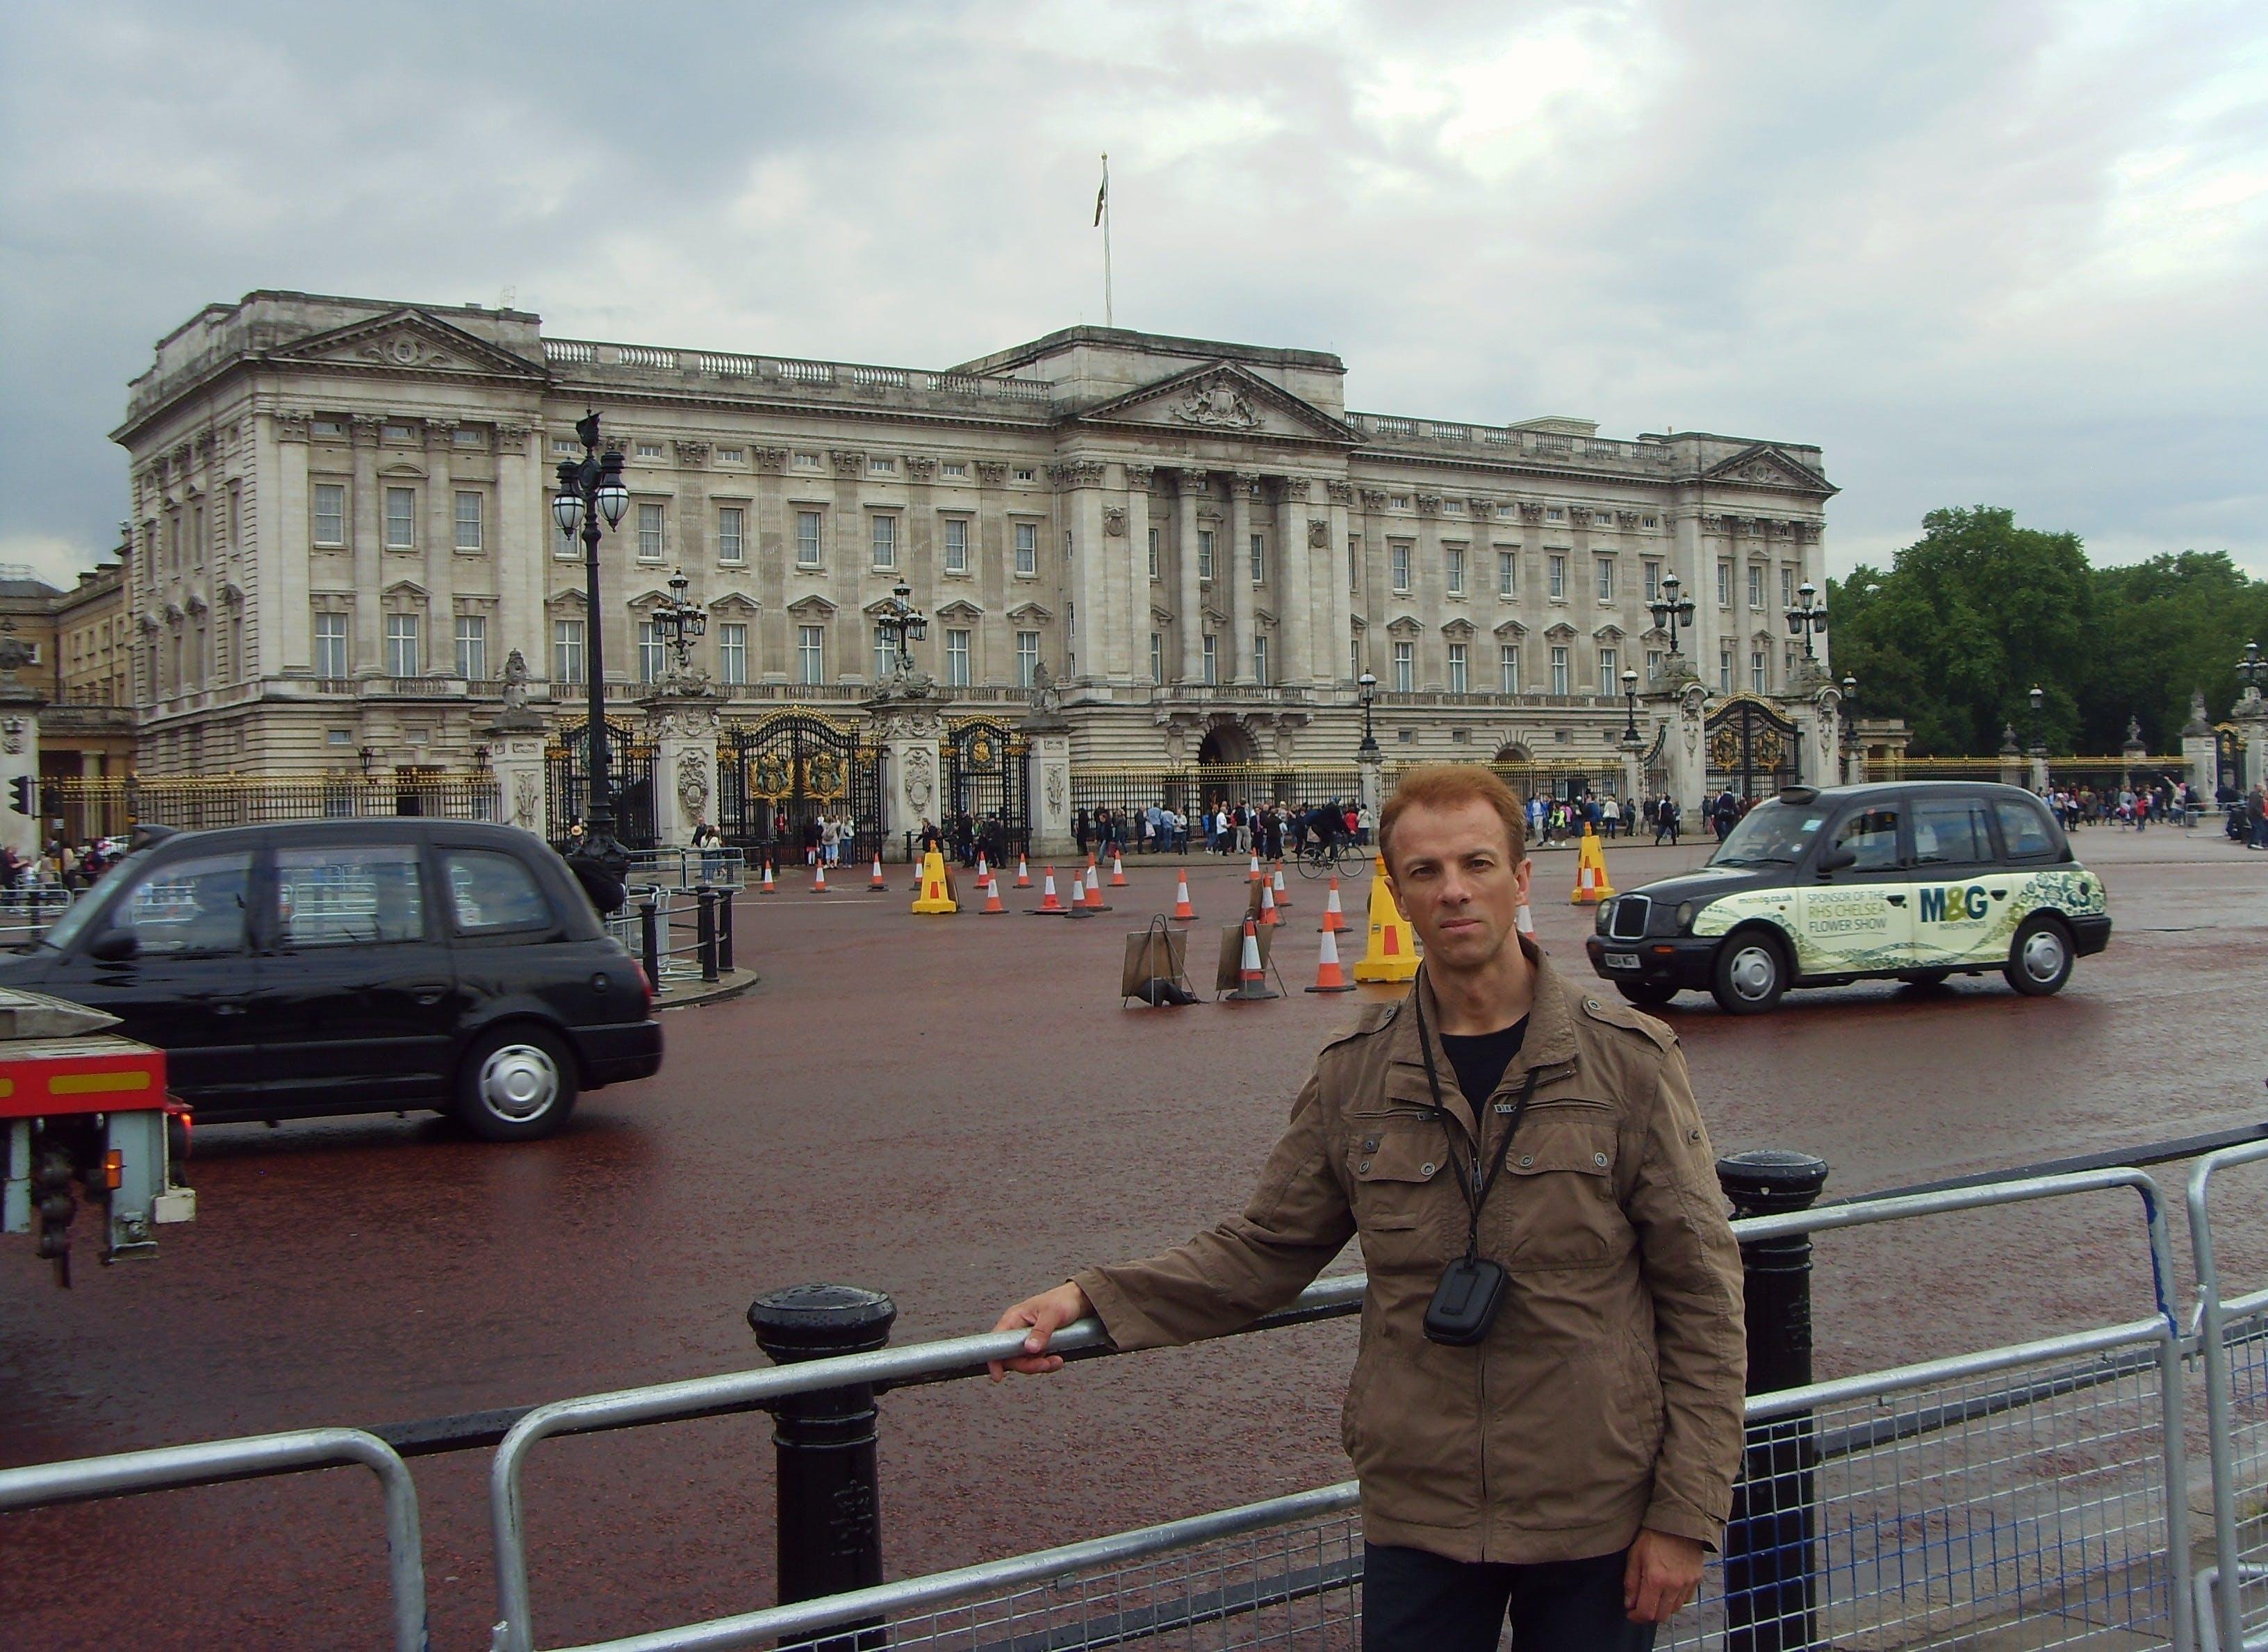 Free stock photo of england, london, united kingdom, buckingham palace